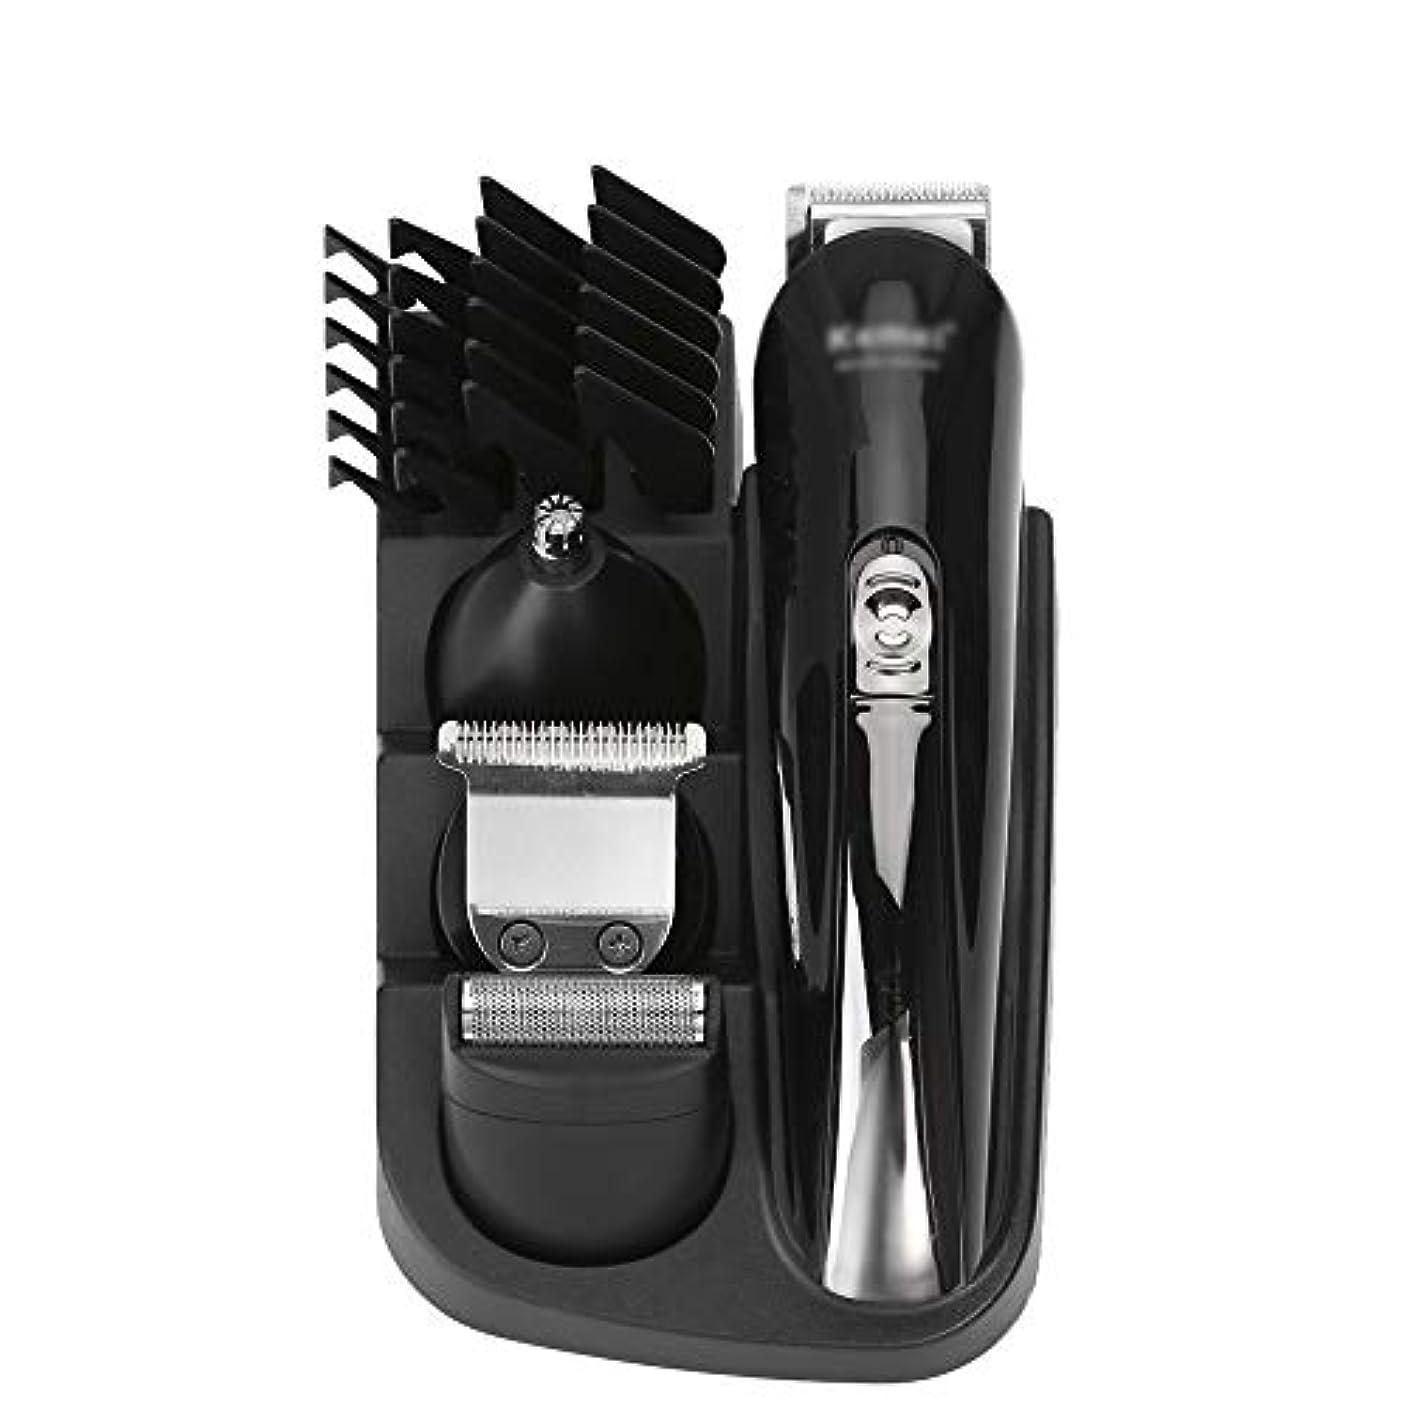 指標東部ナプキンWAKABAFK 充電式バリカン電気シェーバーヘアトリマー髭剃り機